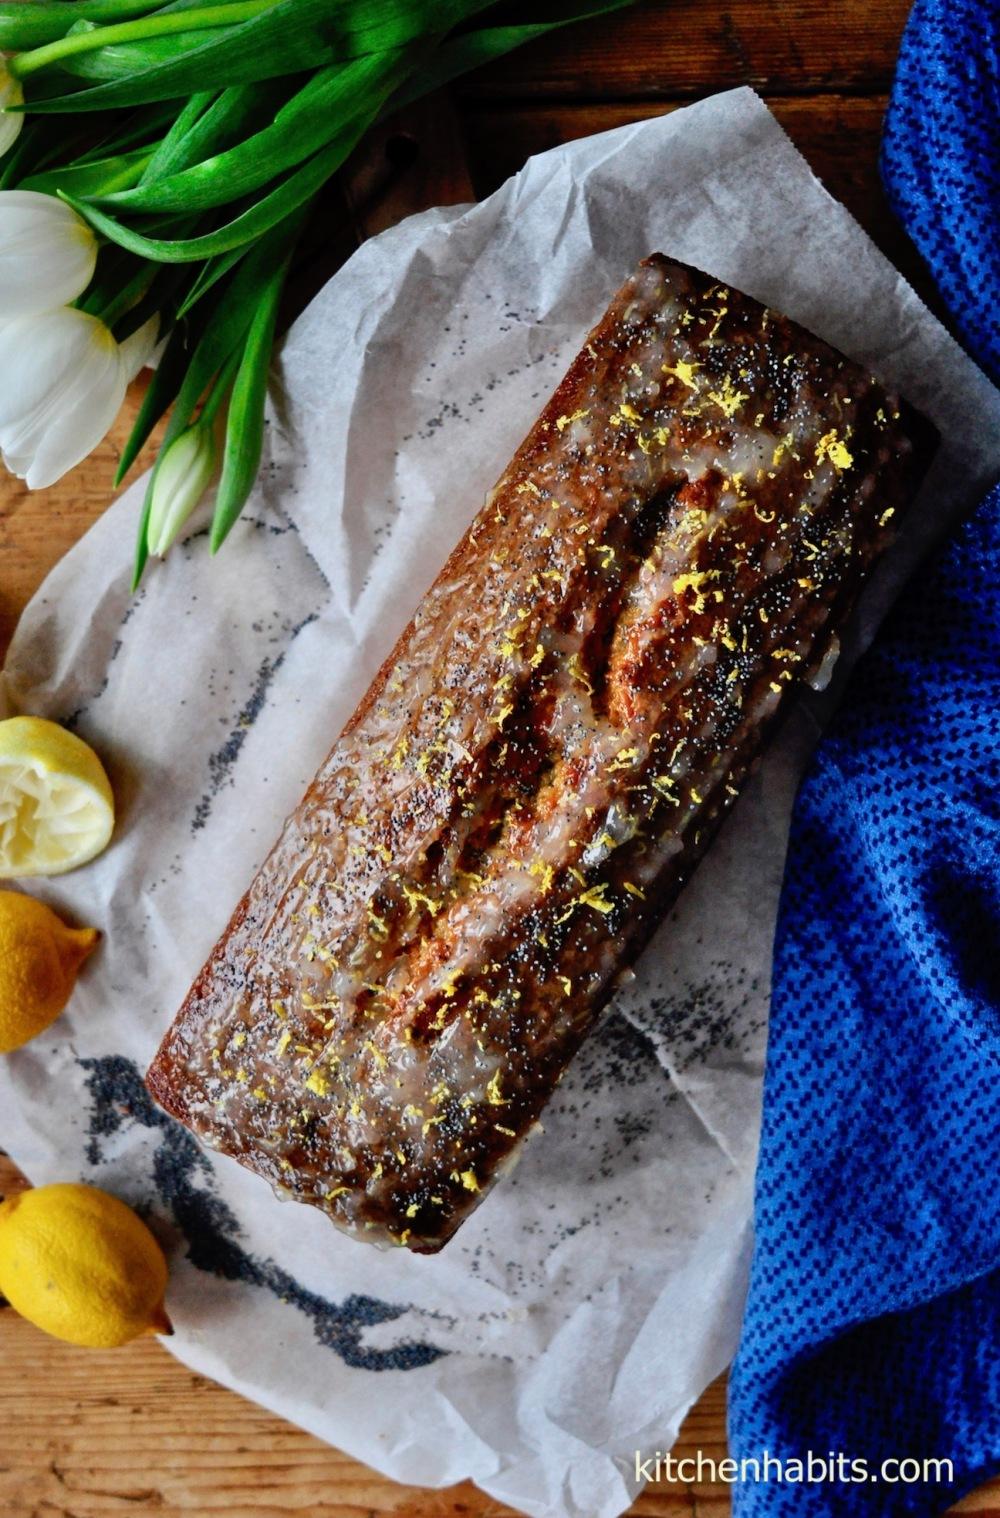 lemon_cake_kitchenhabitscom1